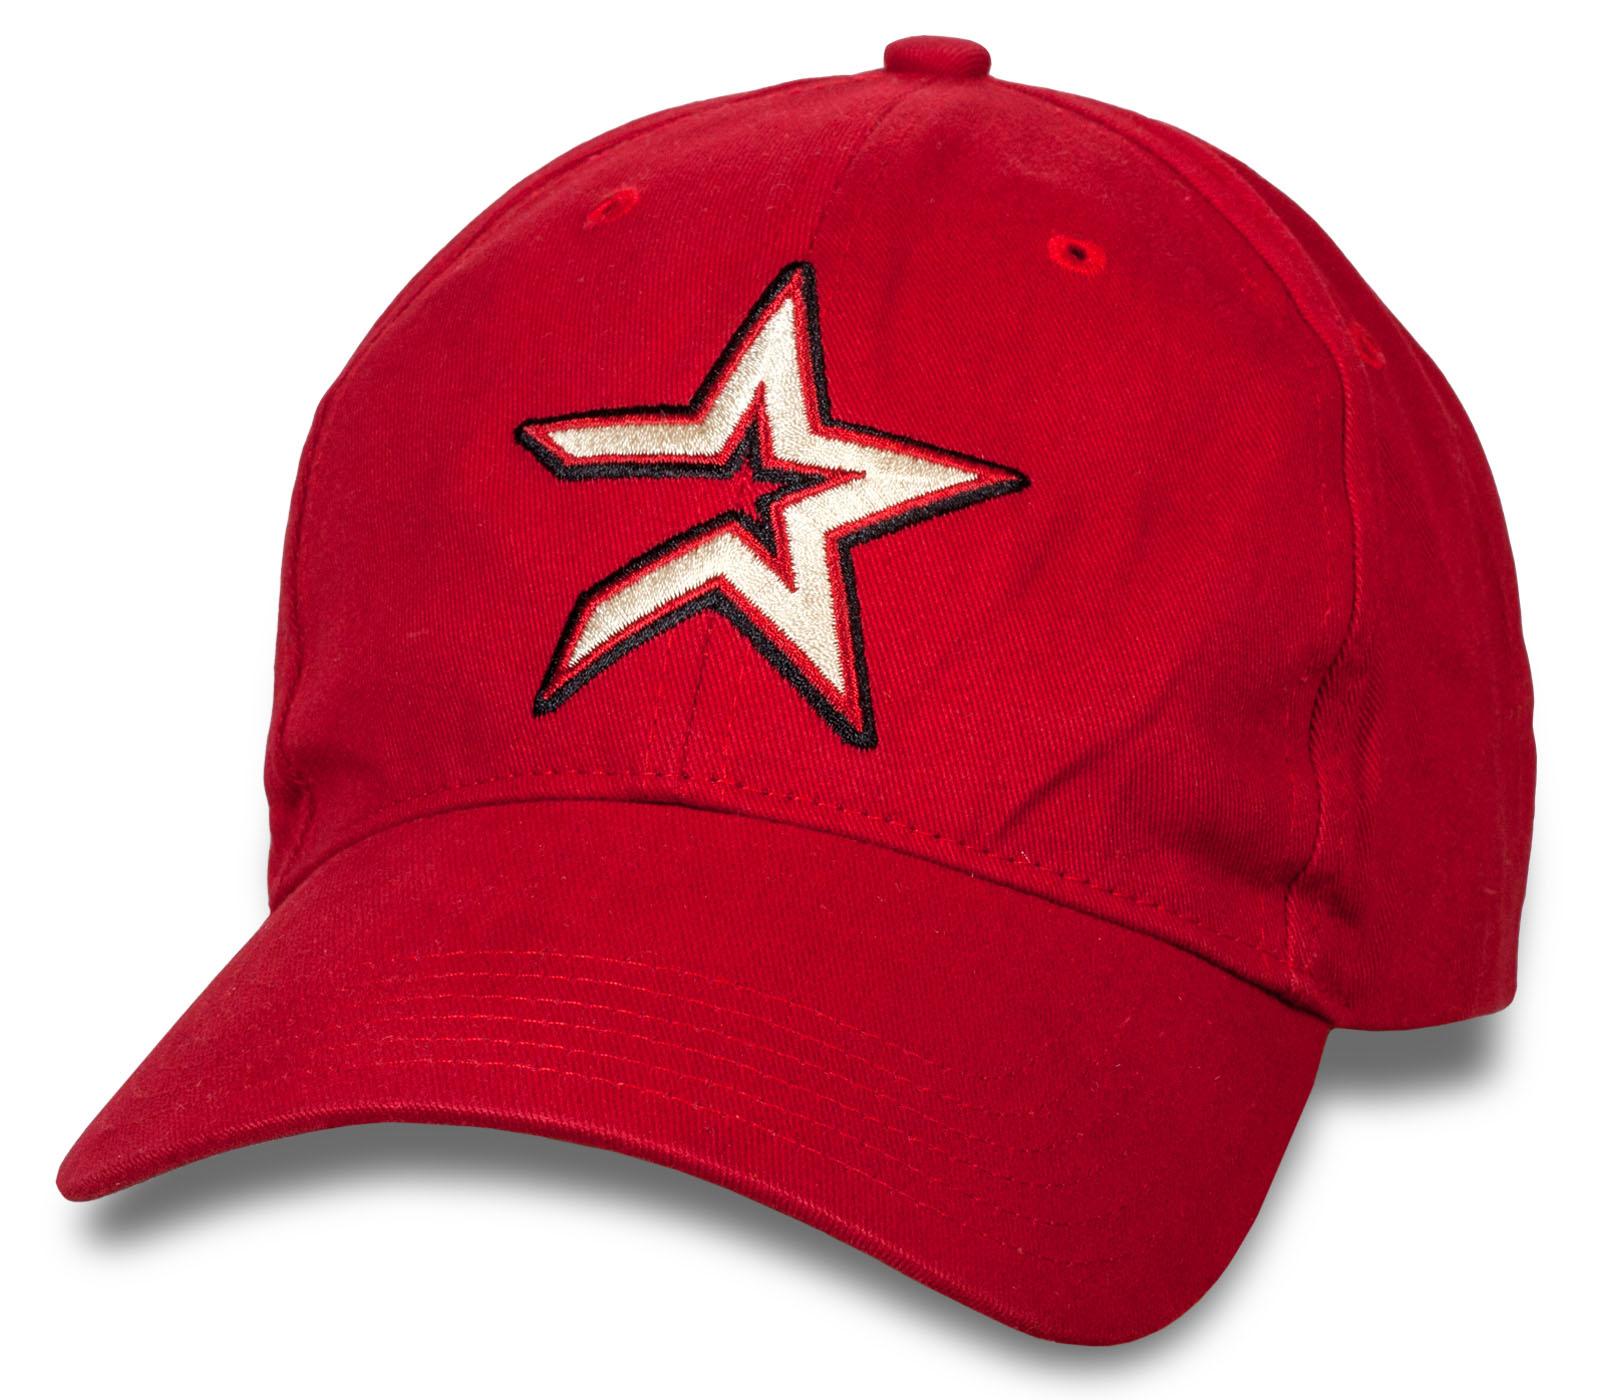 Красная бейсболка в молодежном стиле.